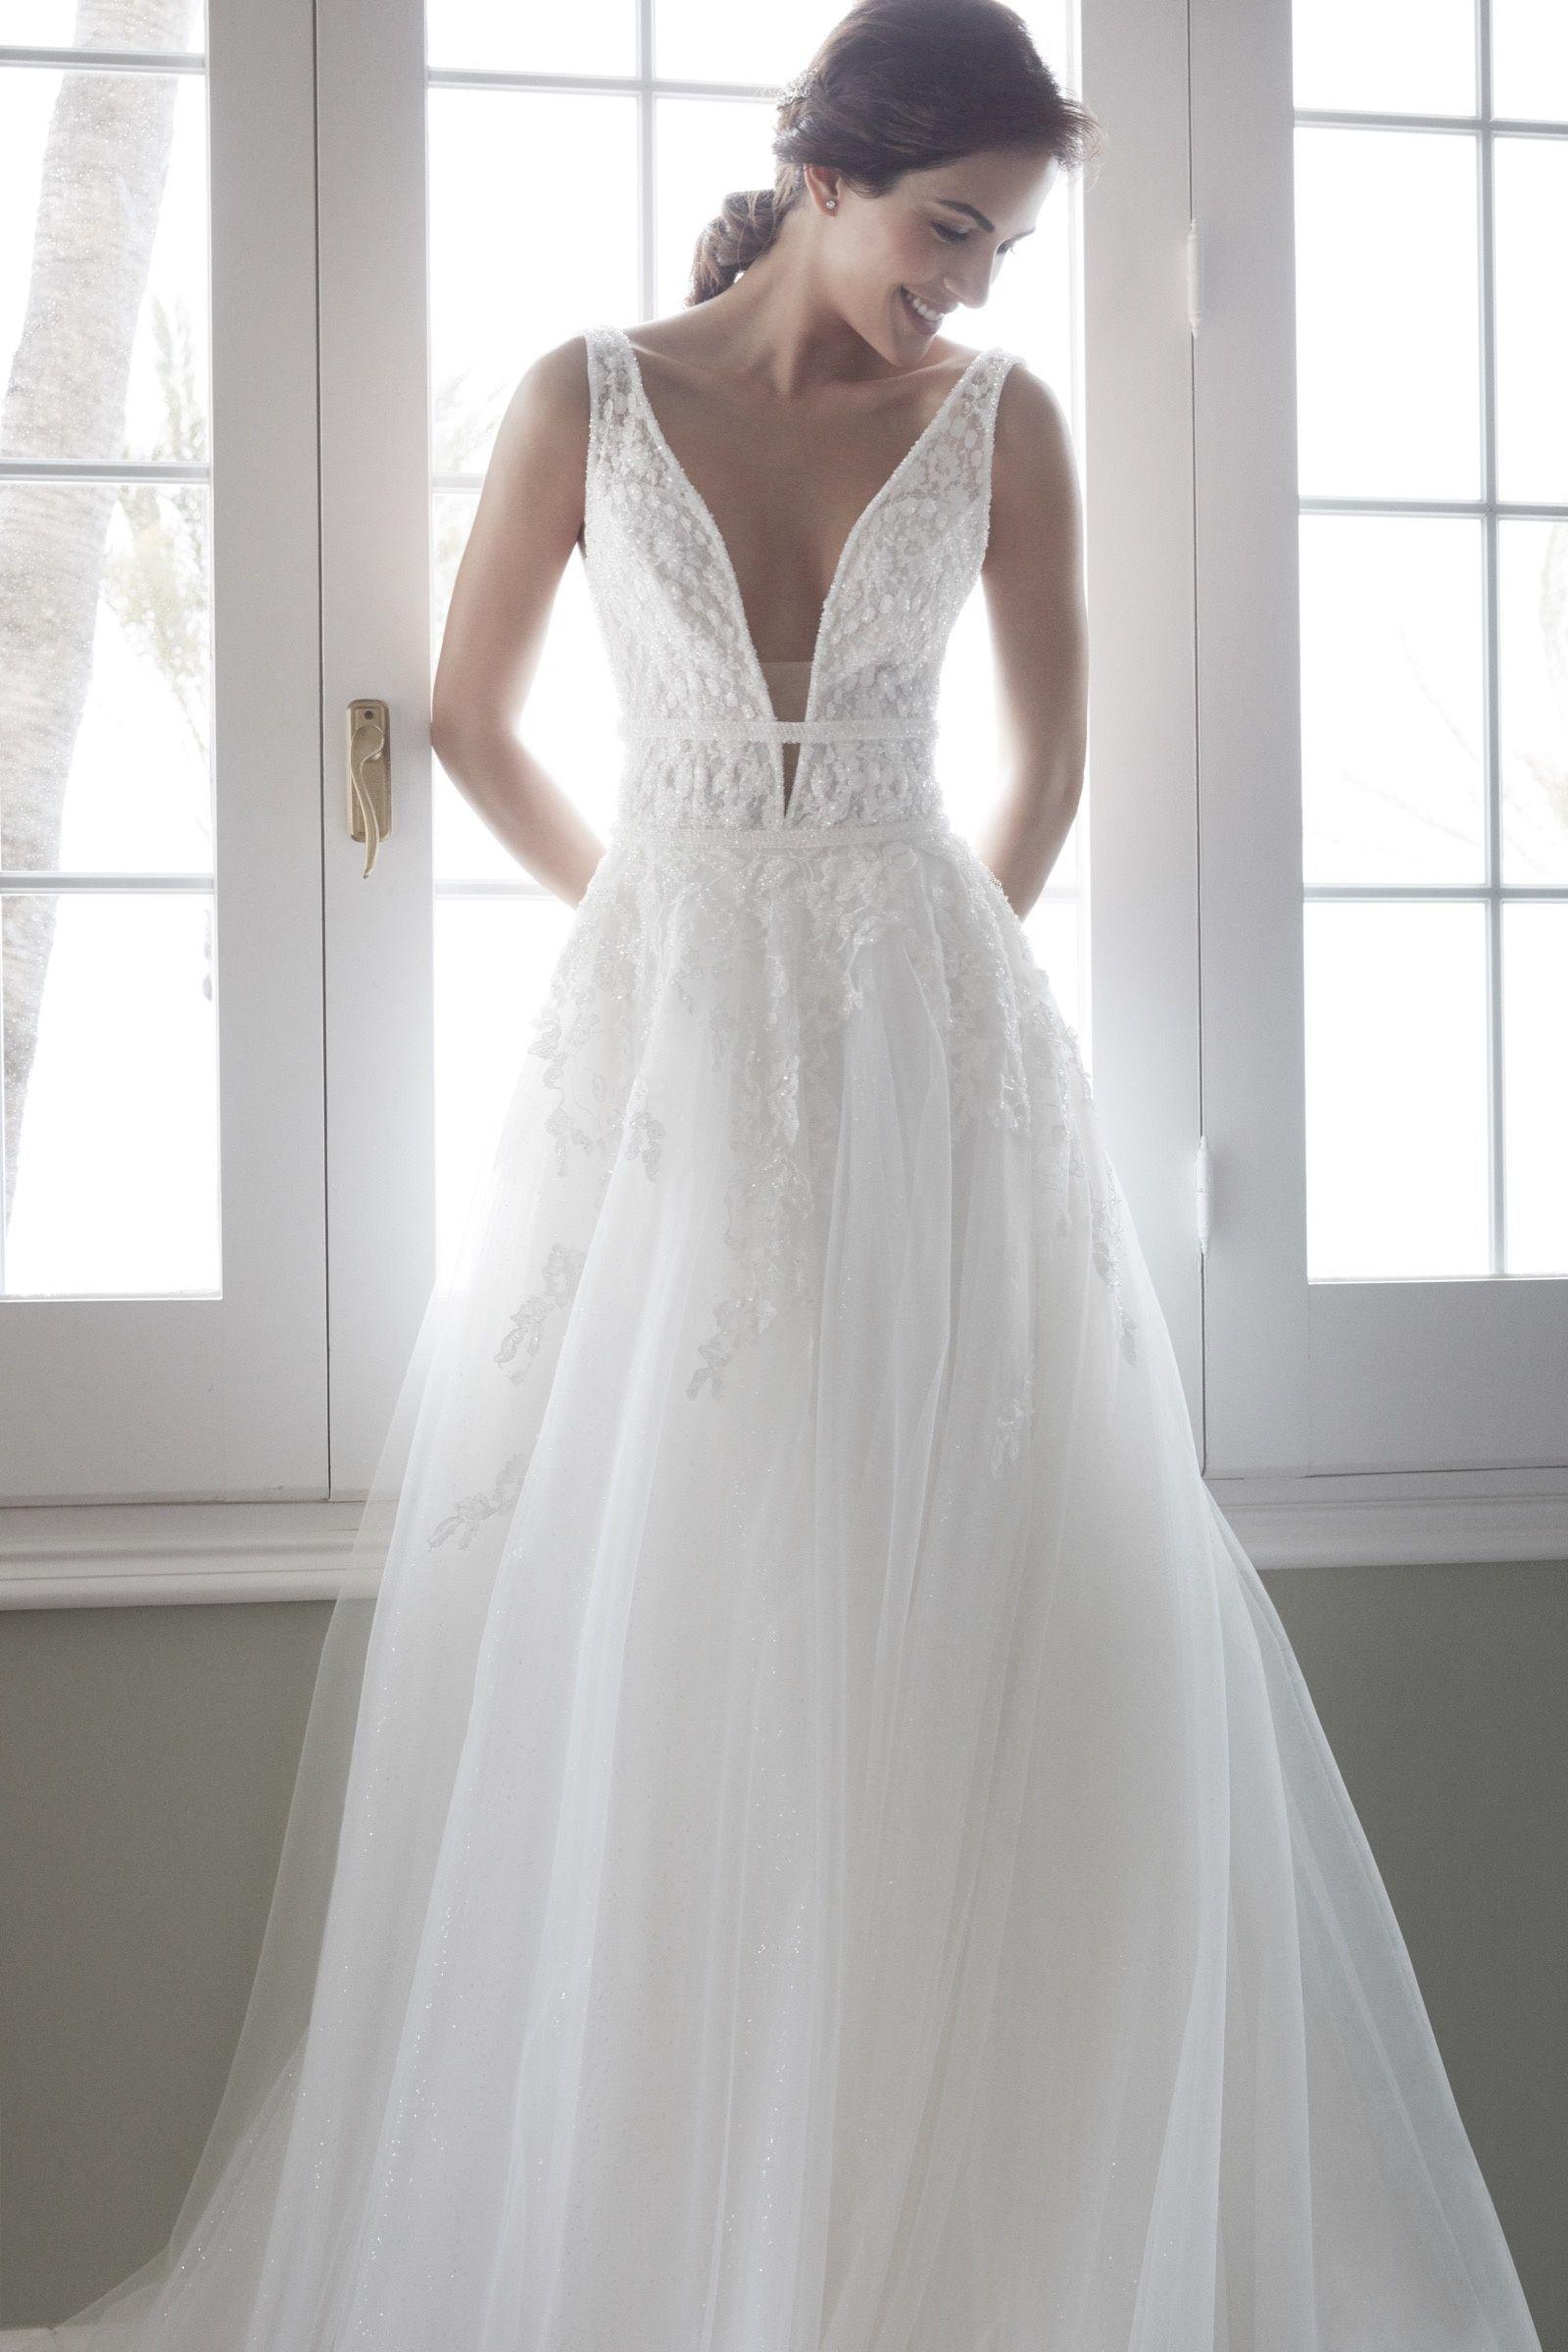 Dagi Bees Brautkleid: Wie es aussah und wie teuer es war